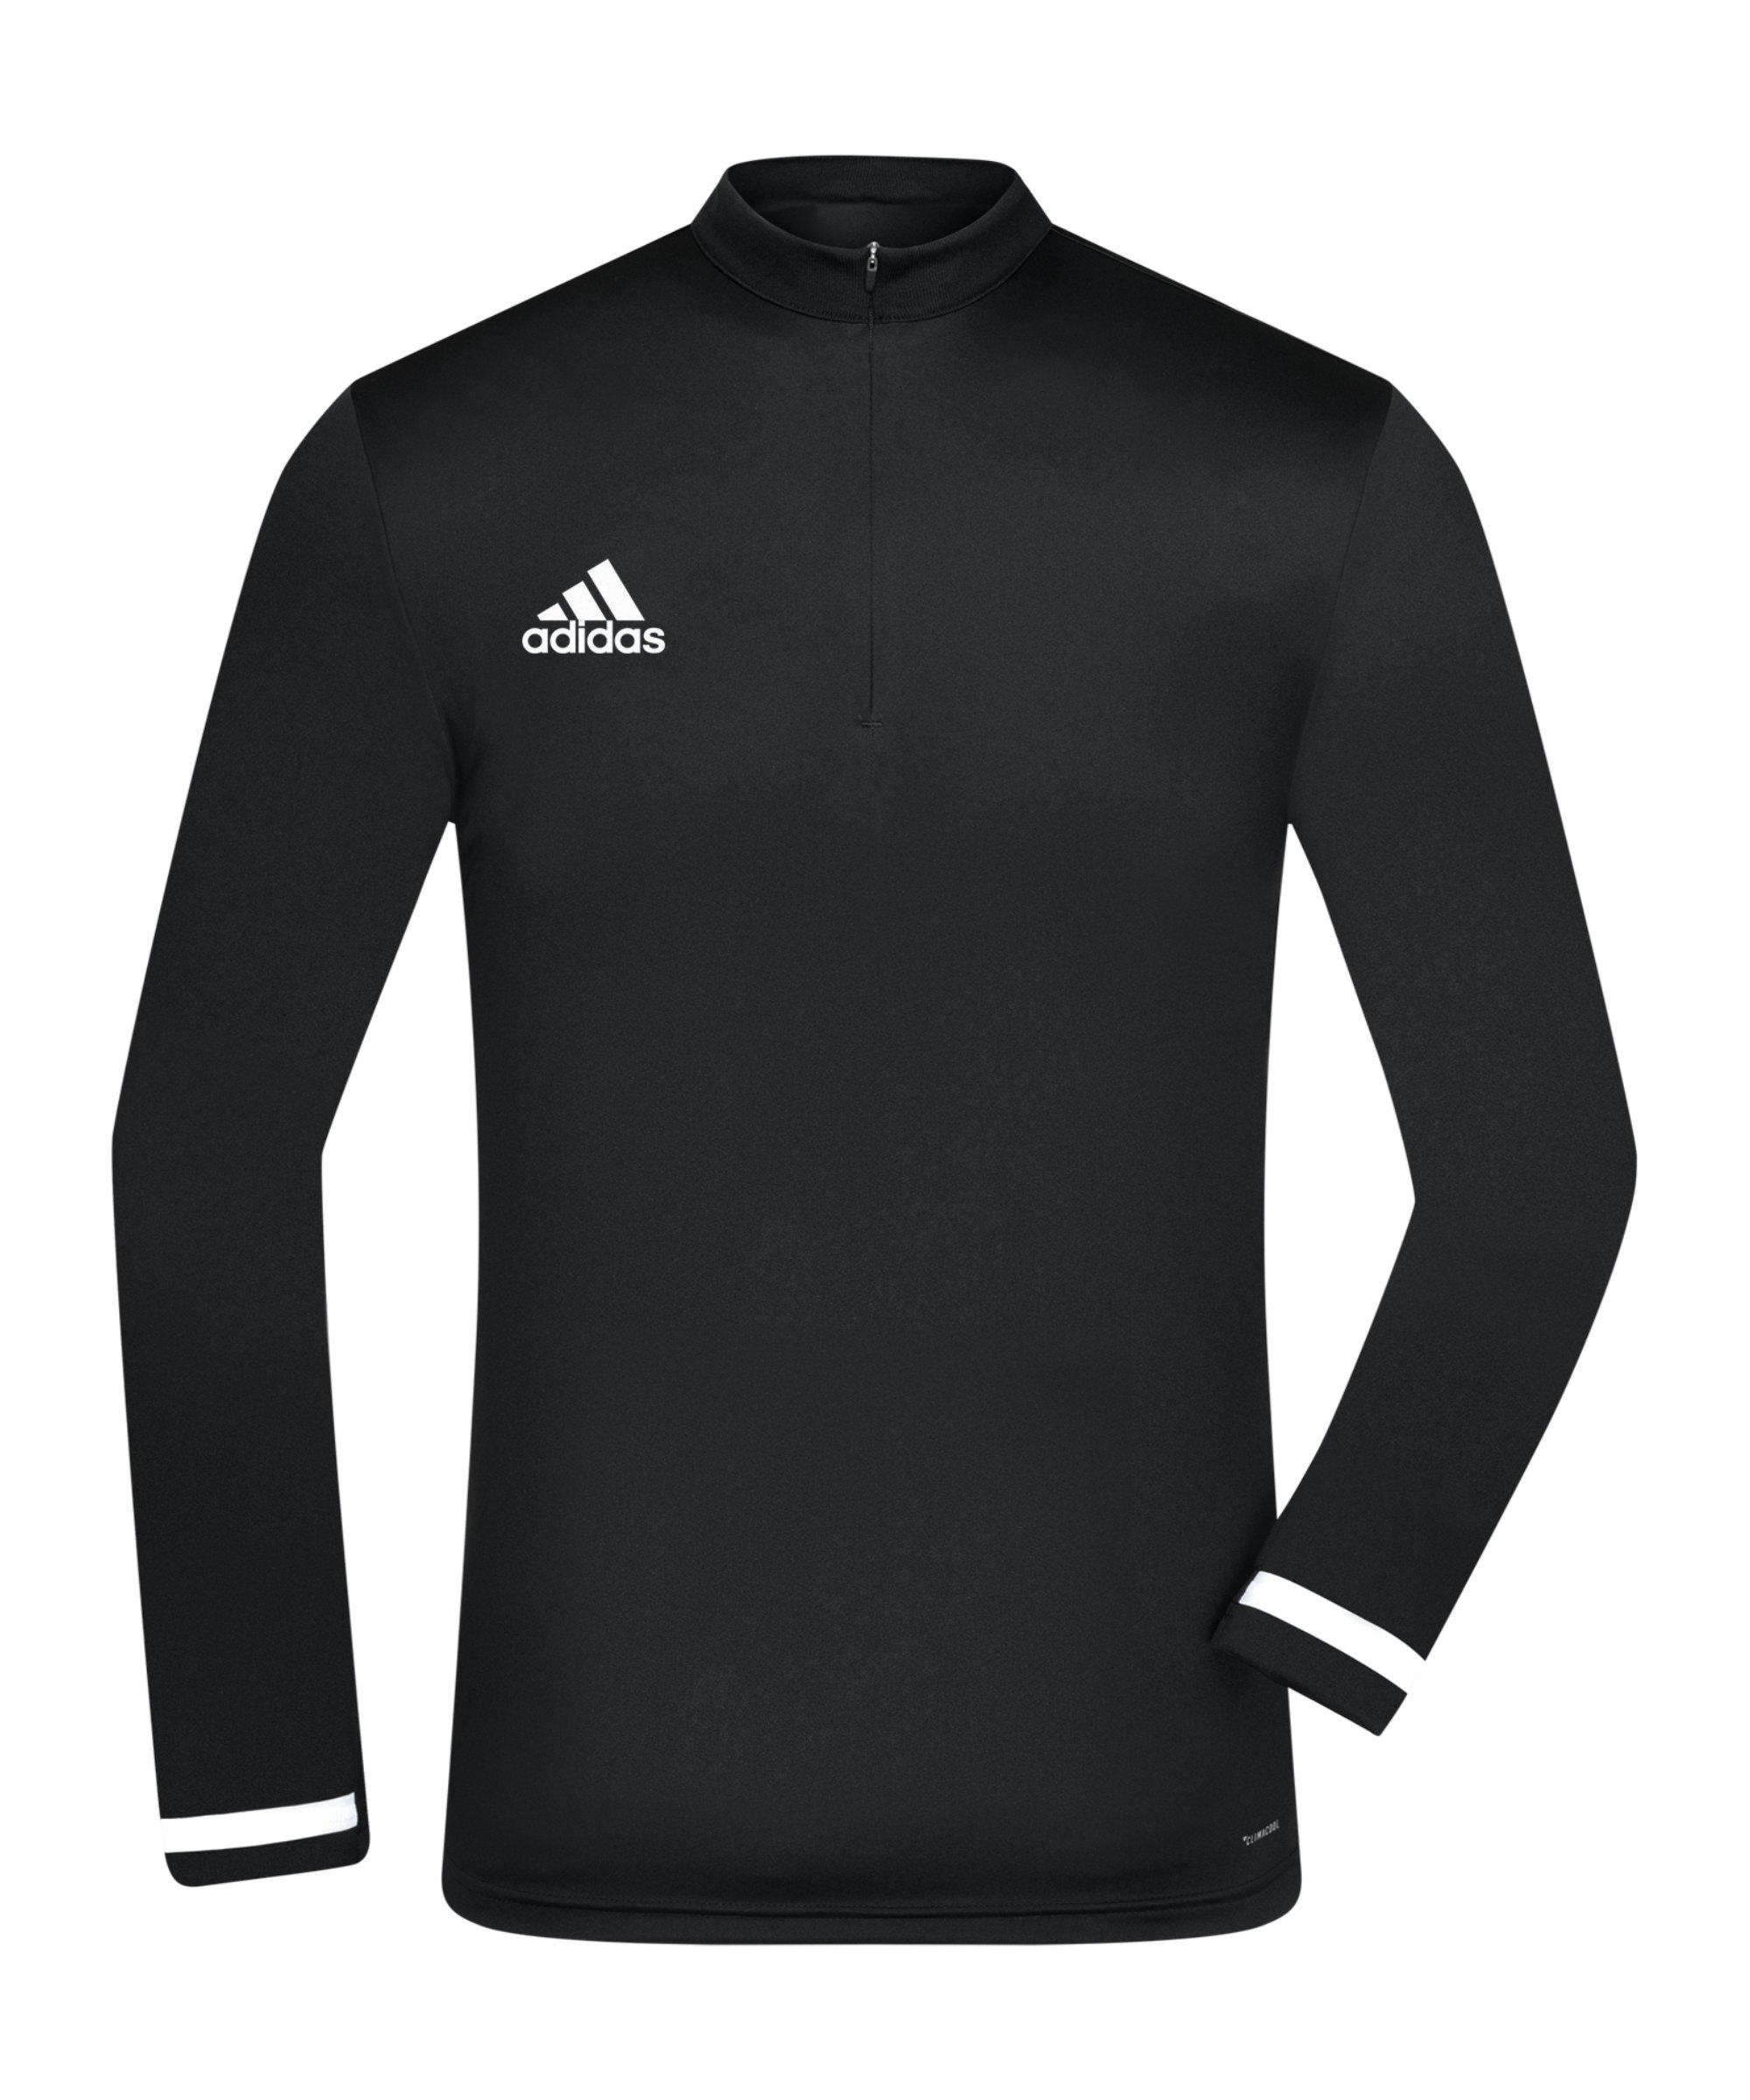 adidas Team 19 1/4 Zip Training Top Schwarz Weiss - schwarz